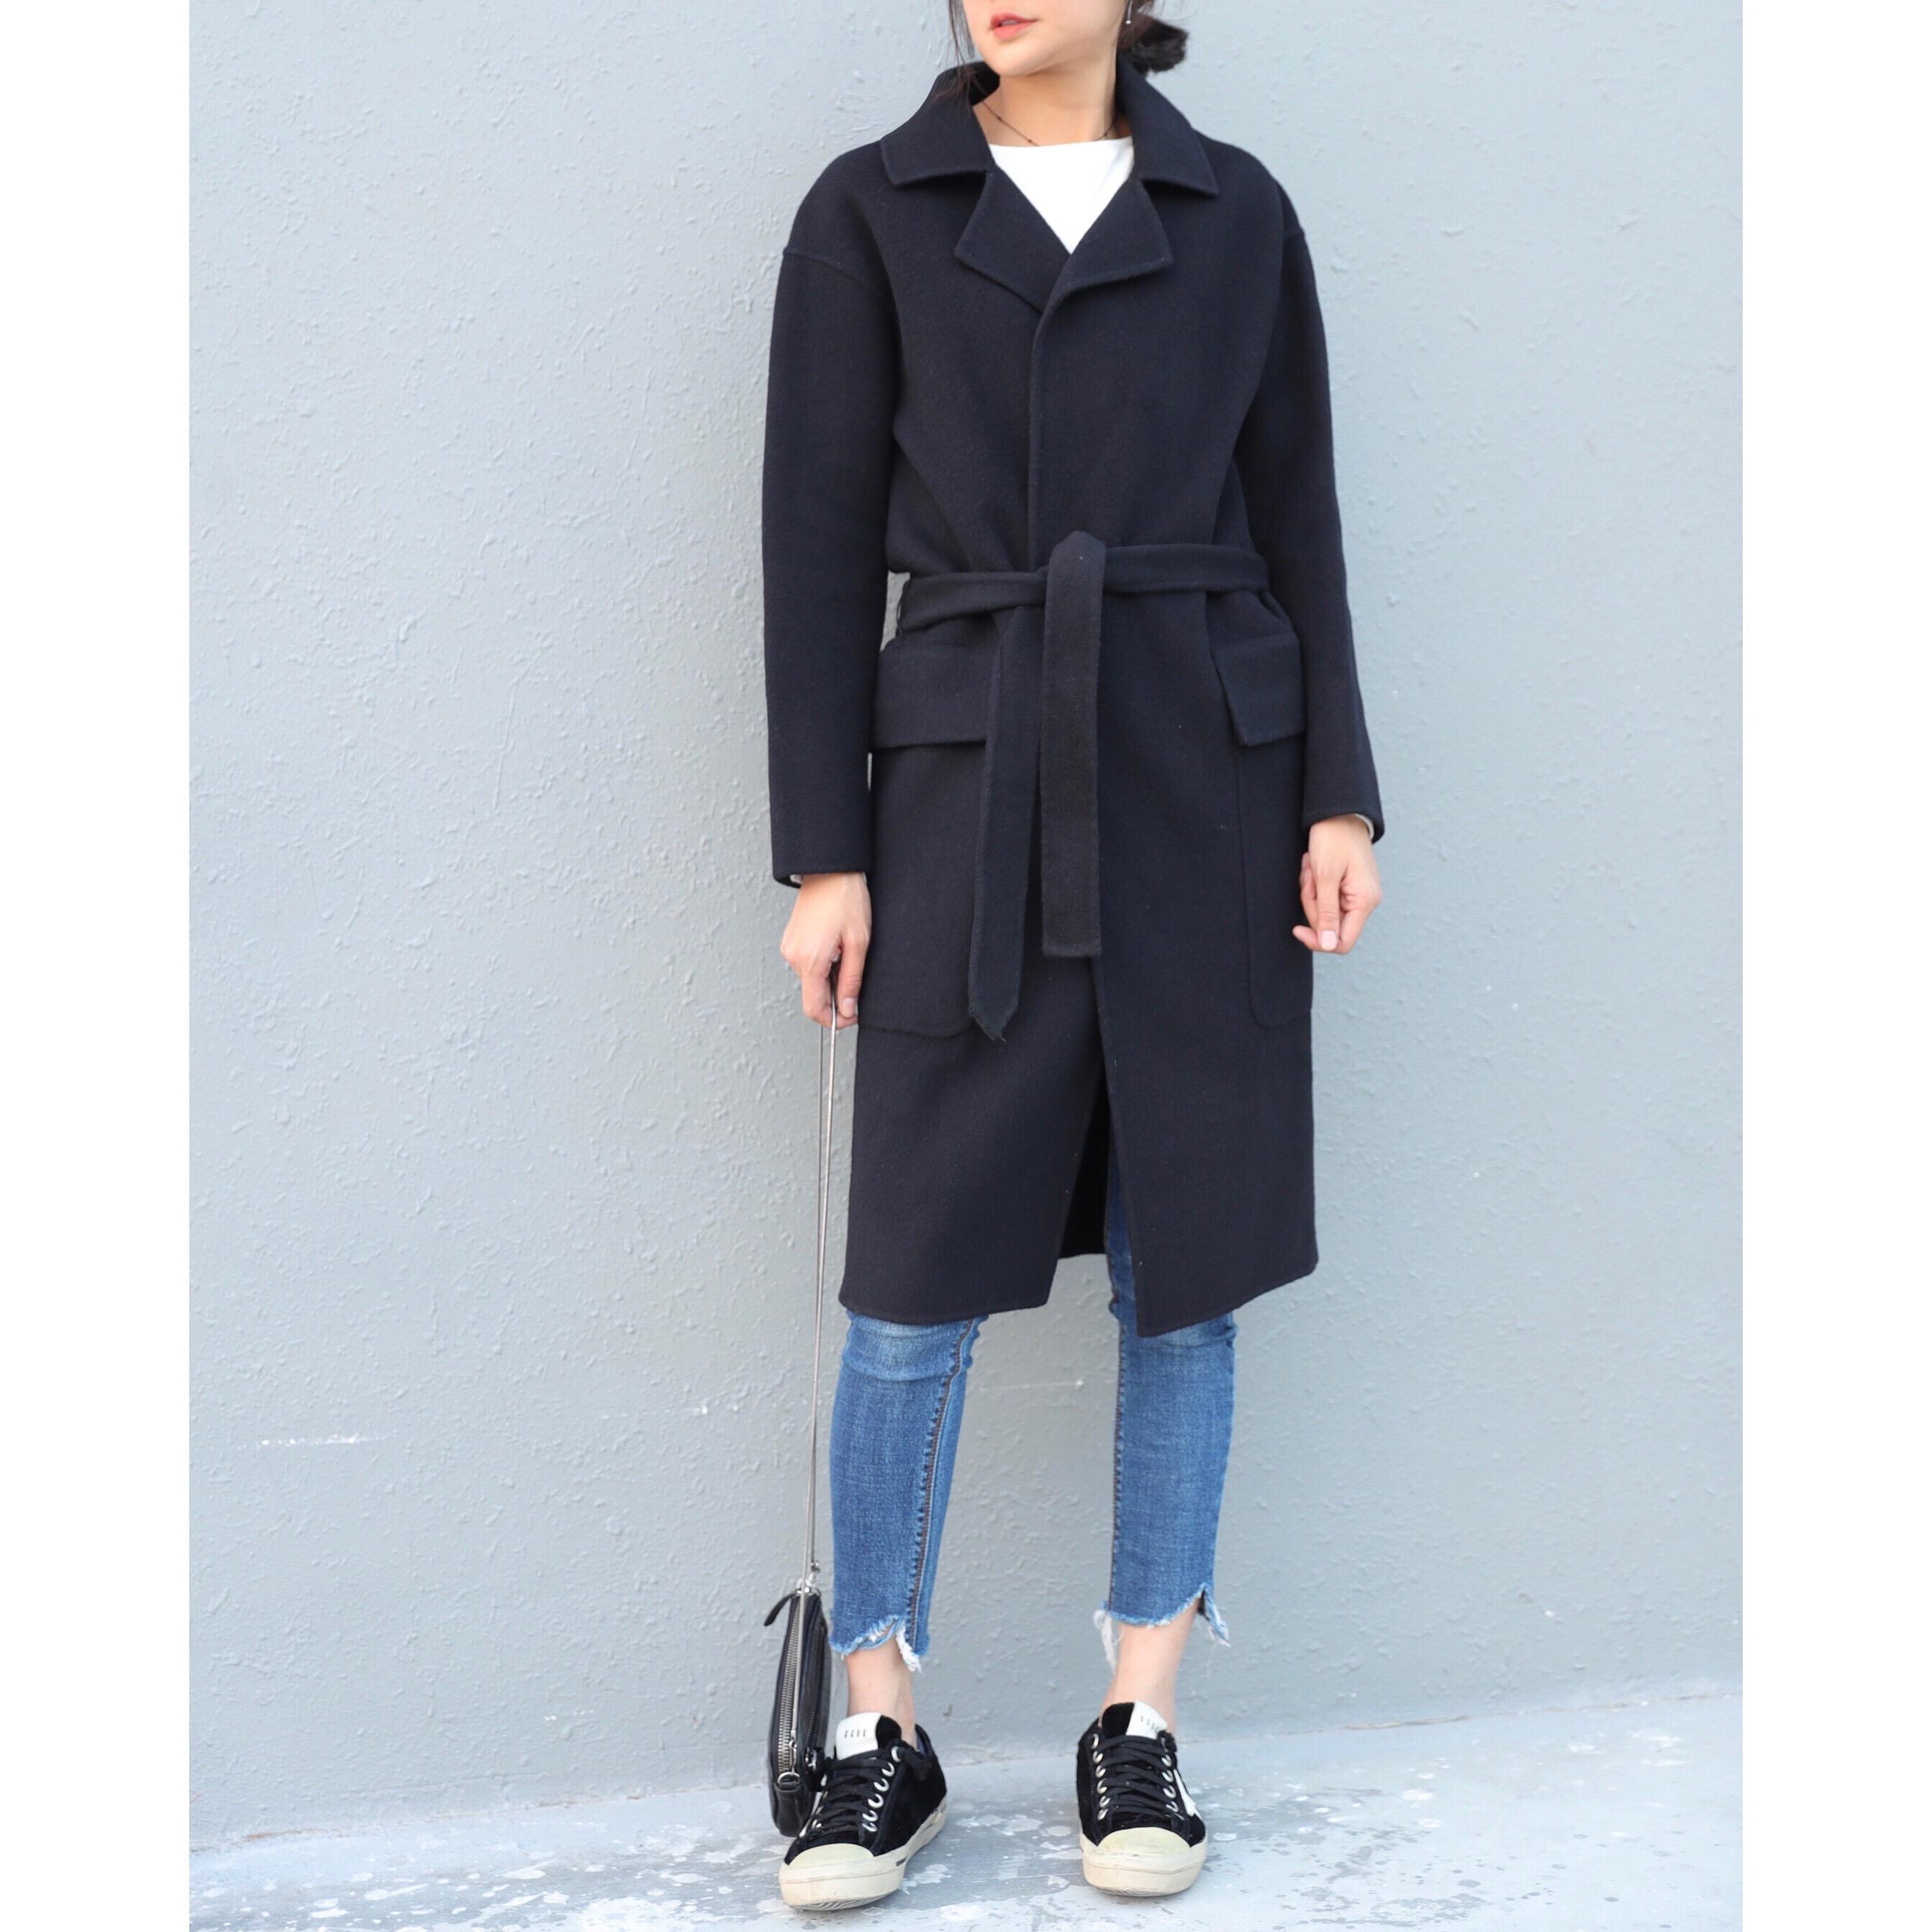 Ulzzang корея 2017one семь осенью и зимой новый лацкане сплошной цвет талии длинный участок кашемировый куртка женщина